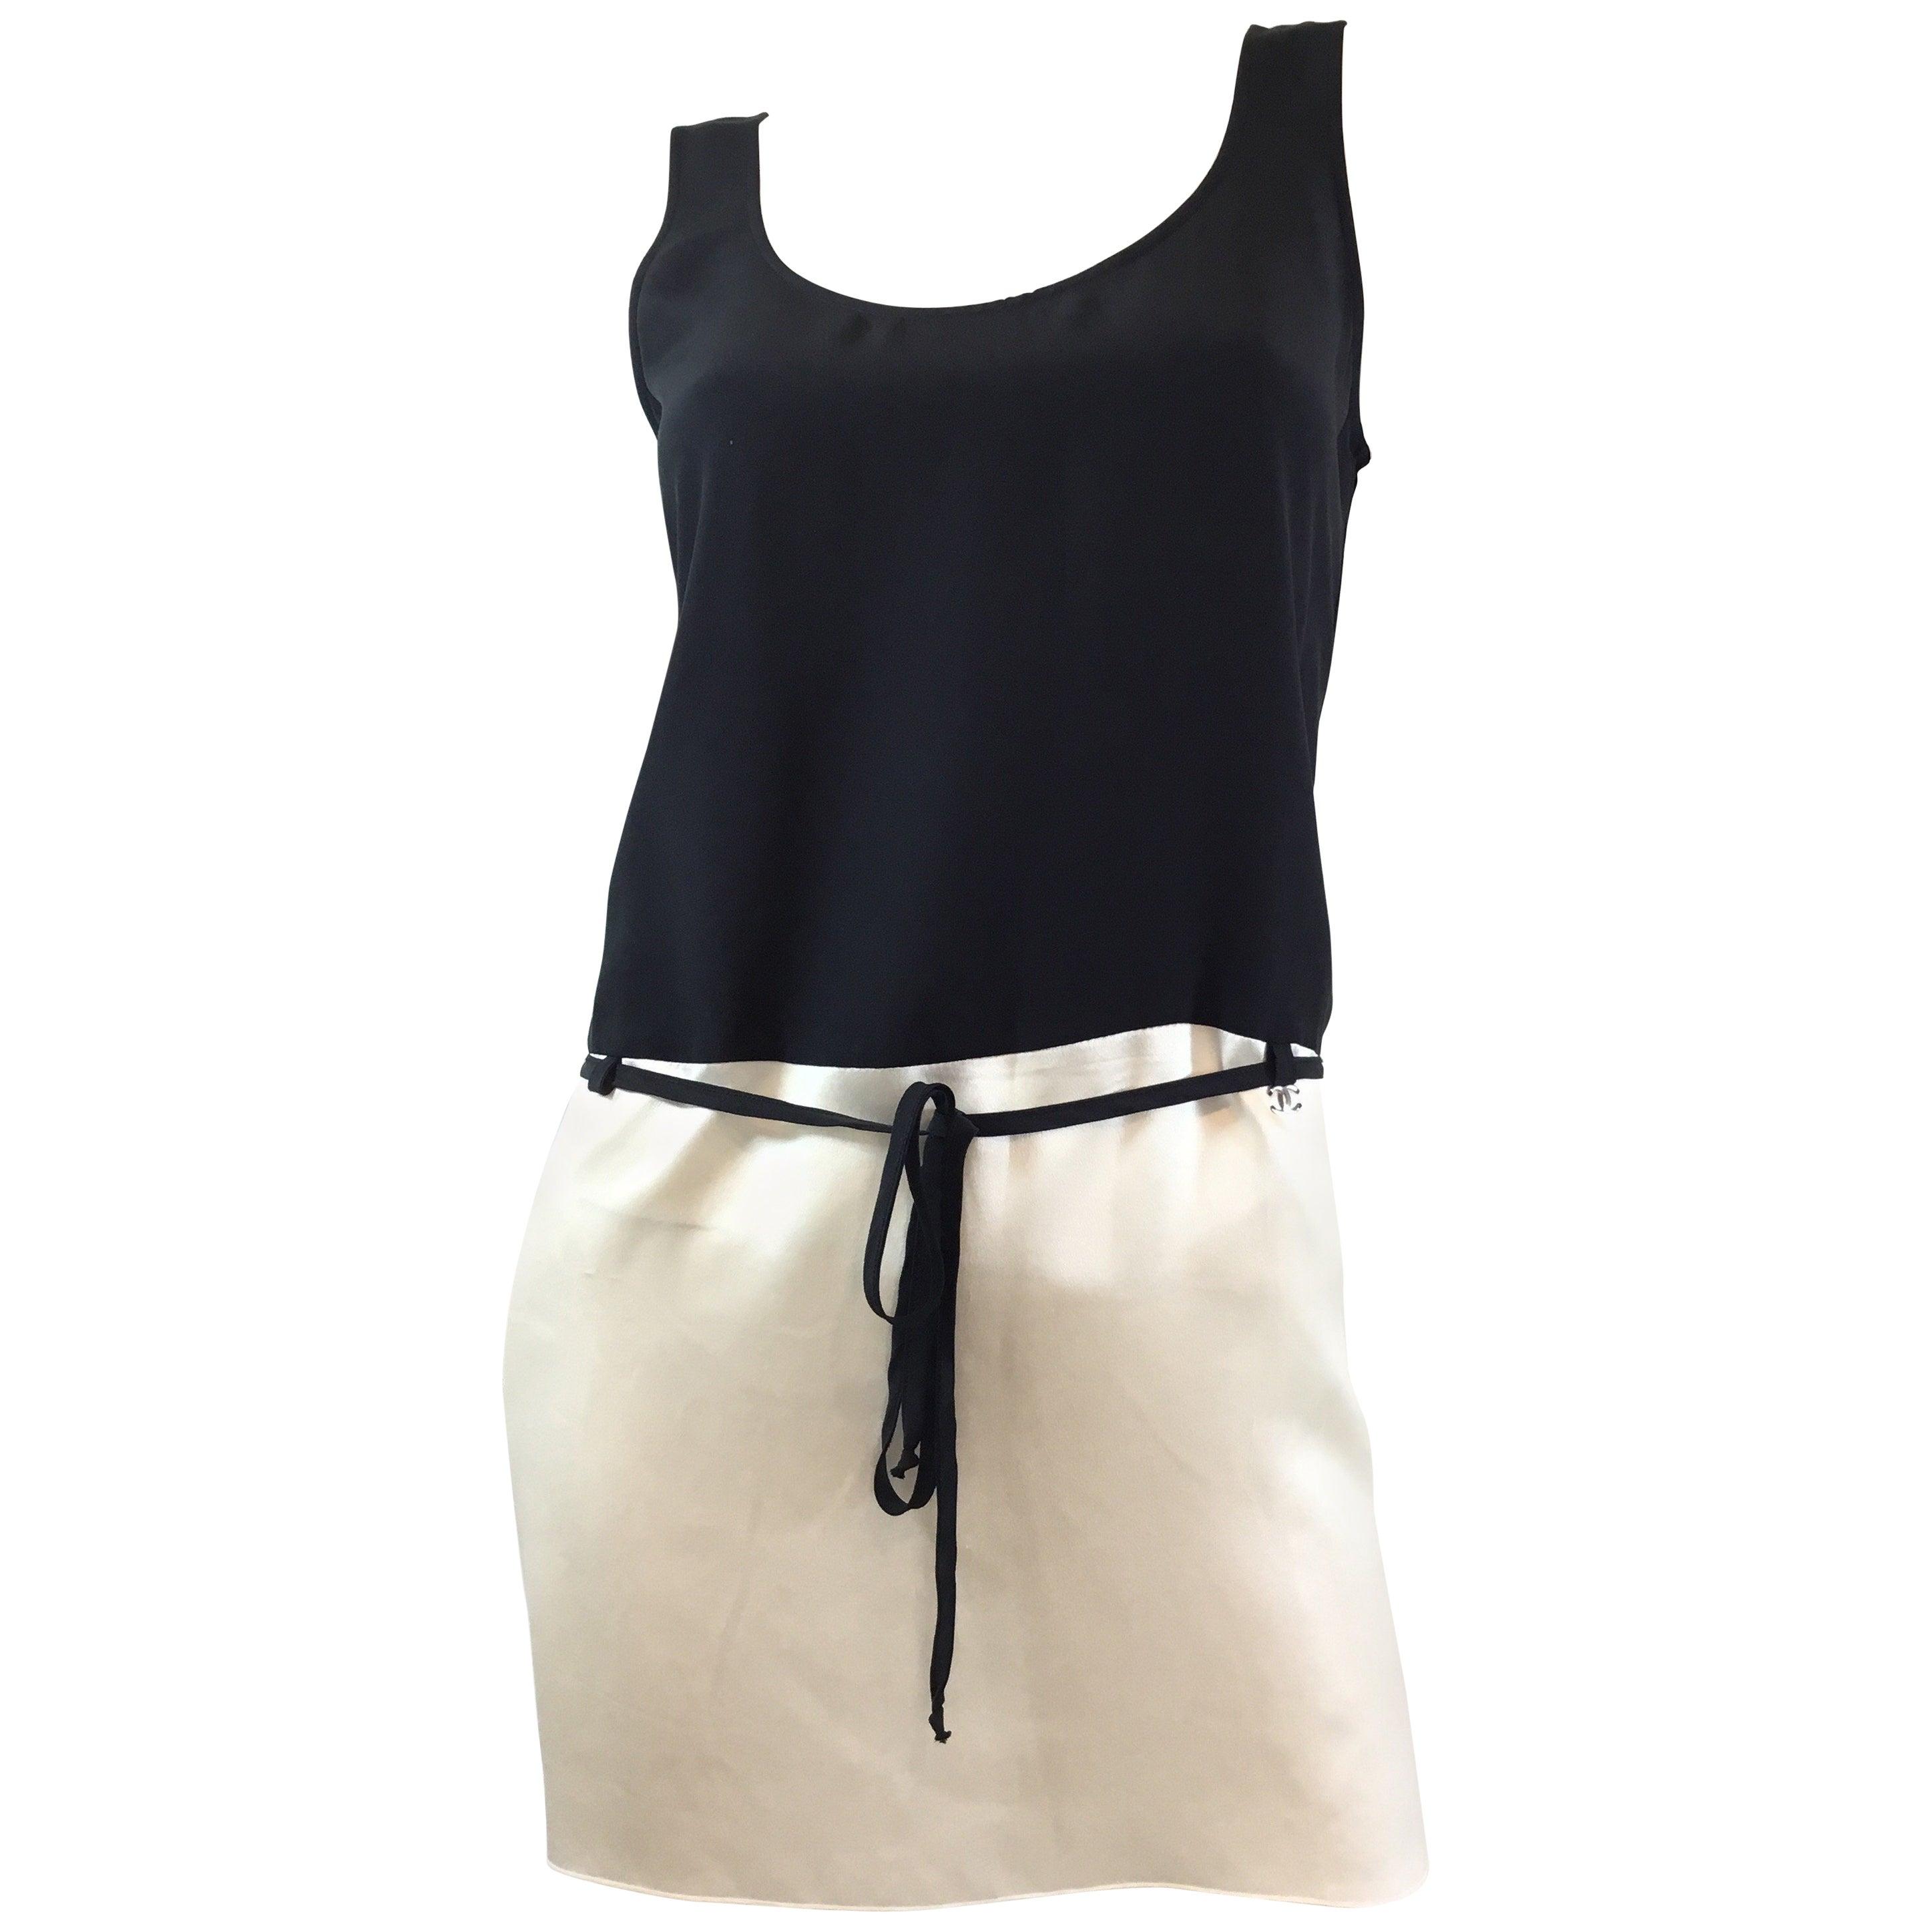 Chanel Silk Waist Tie Tank Top 2008 P